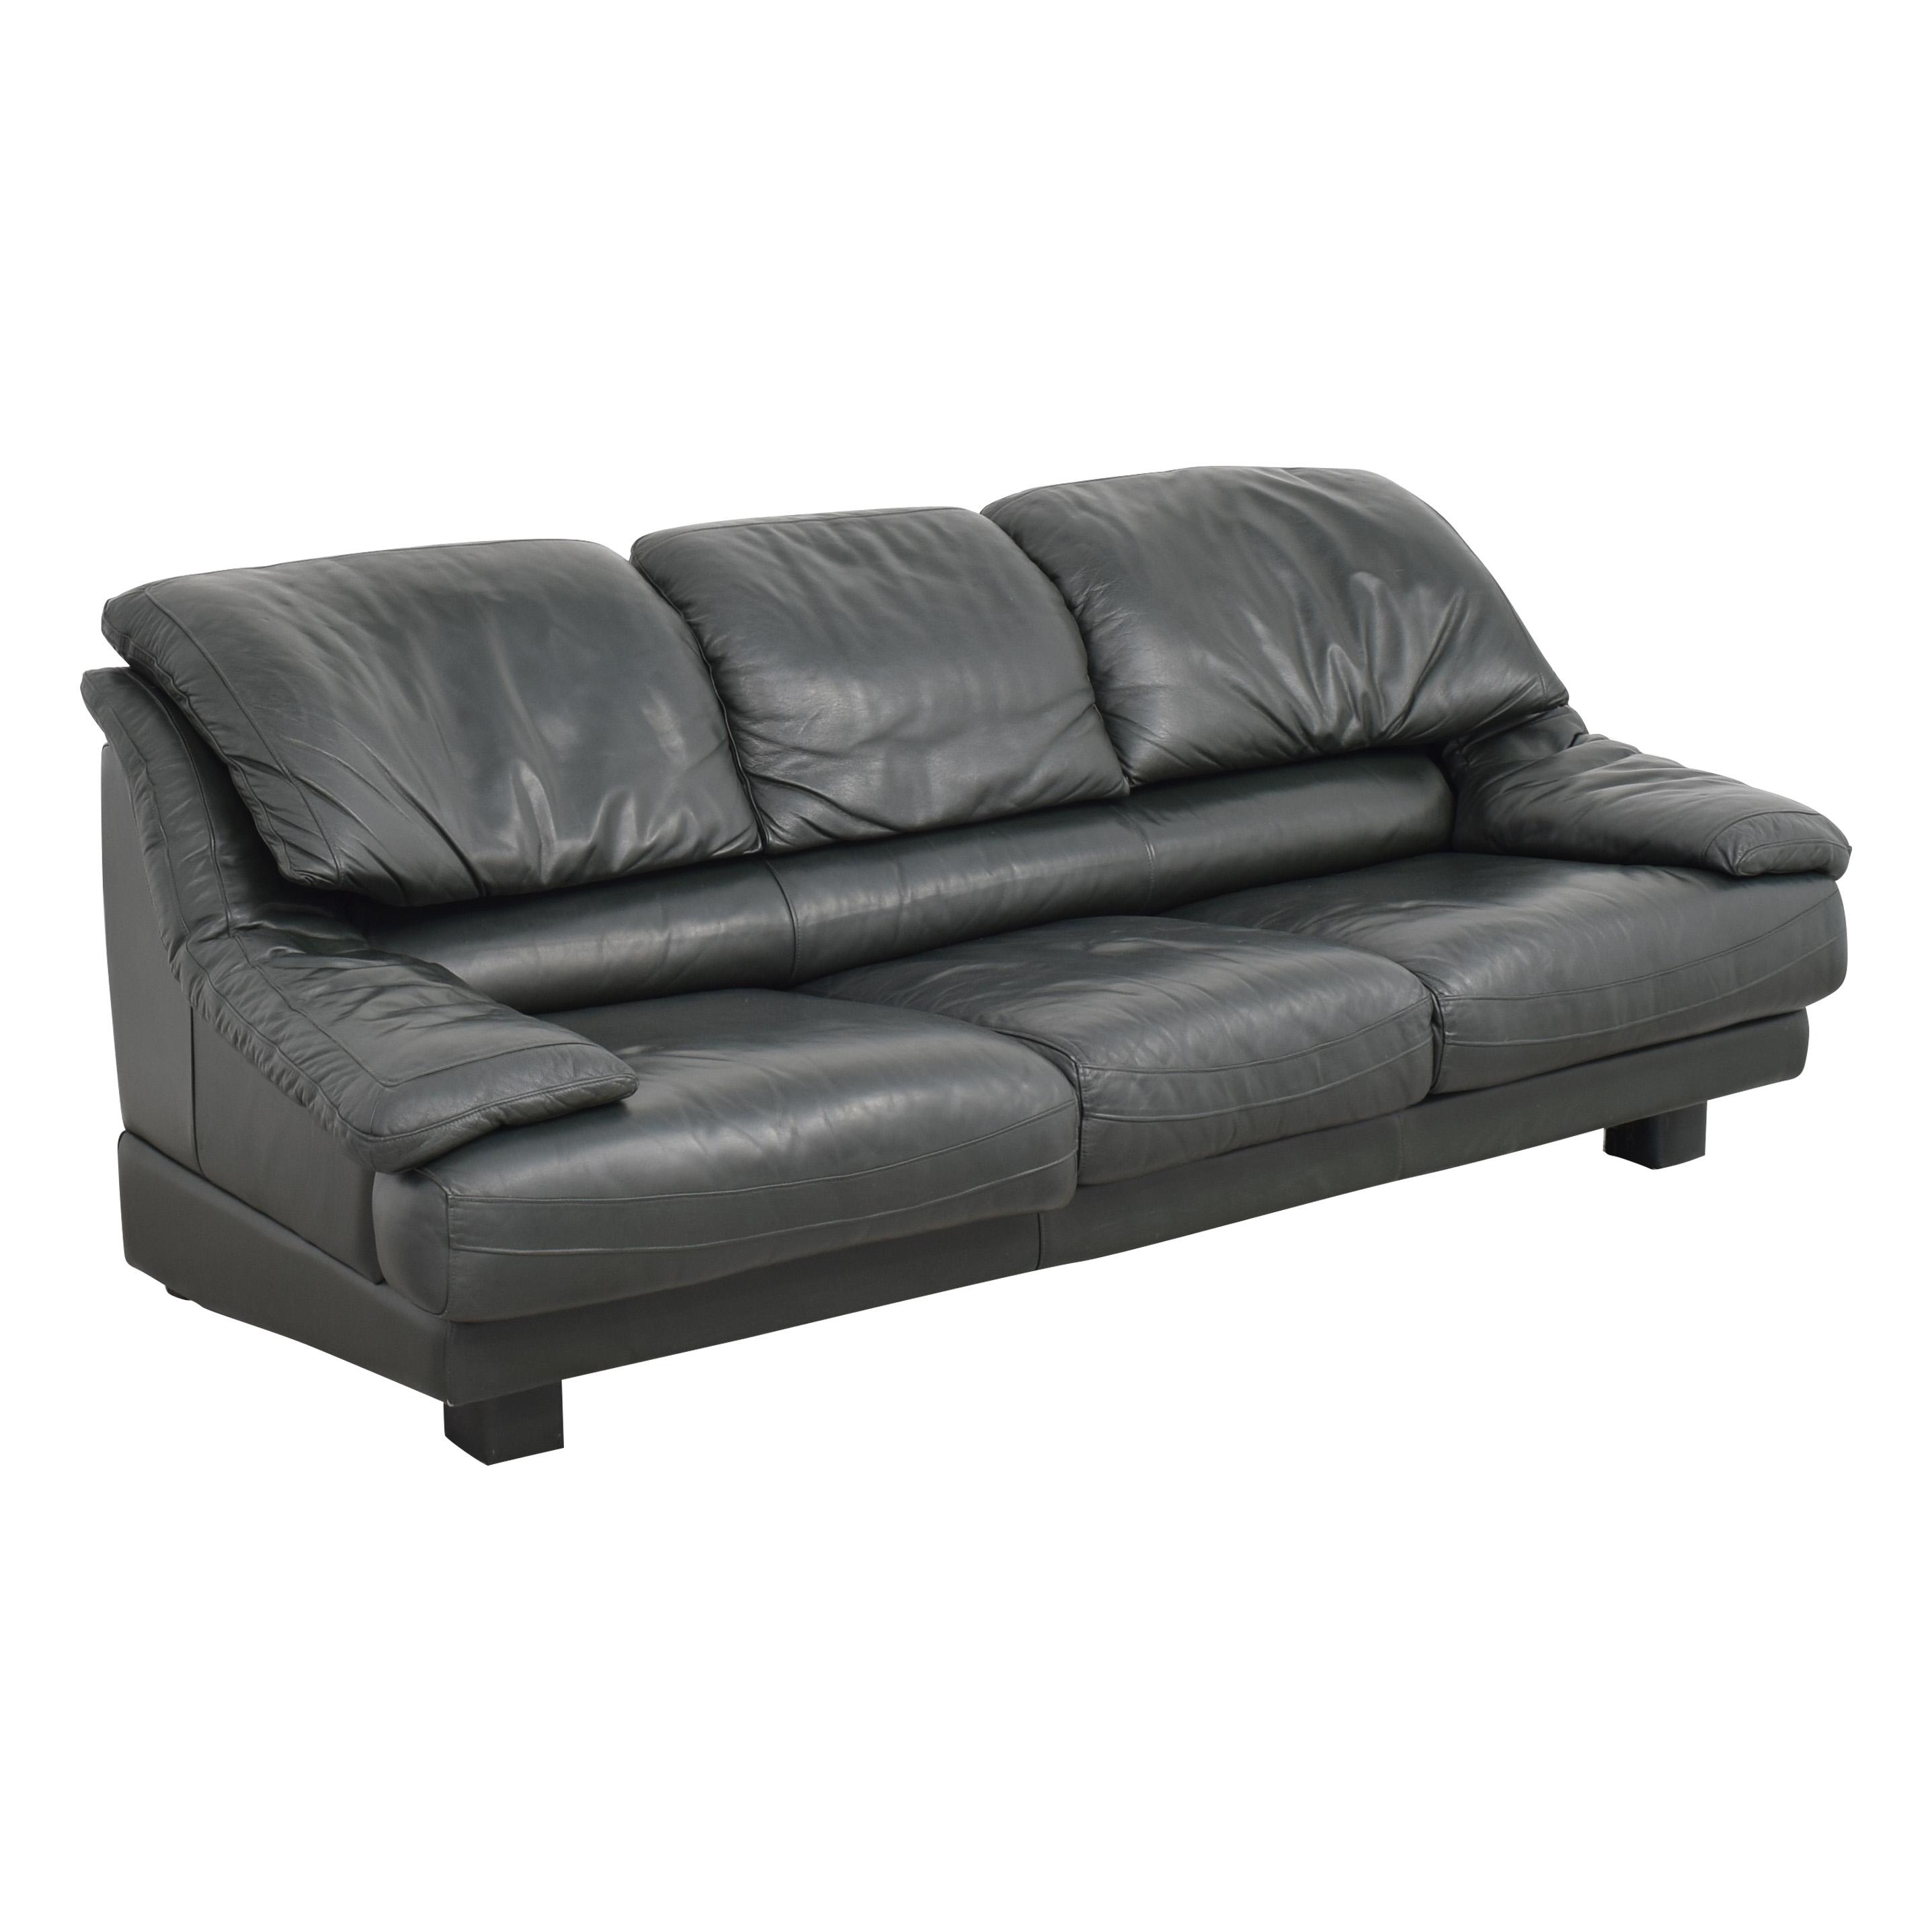 Natuzzi Natuzzi Padded Arm Sofa ma